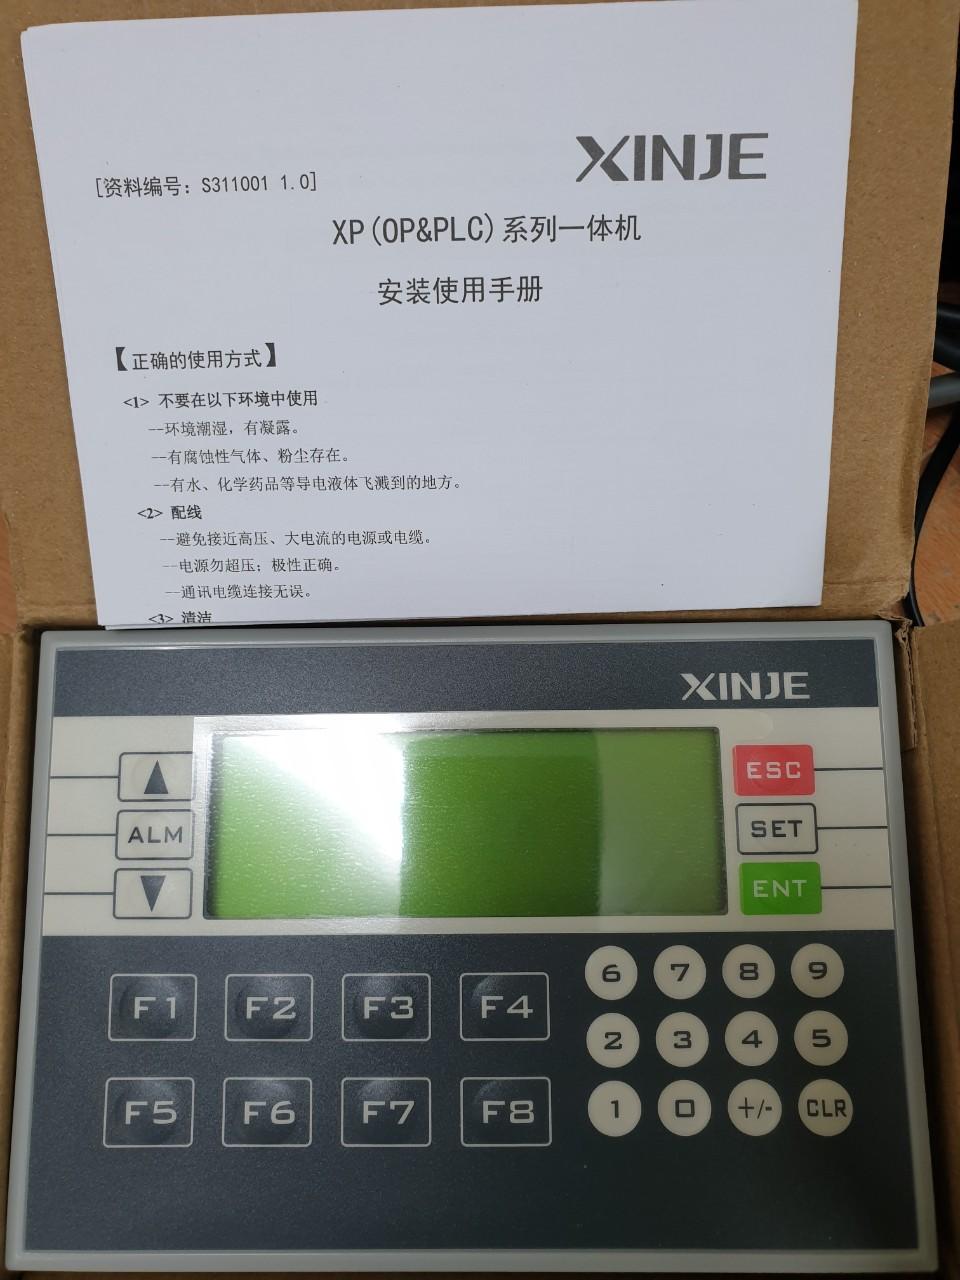 XINJE XP2-18R